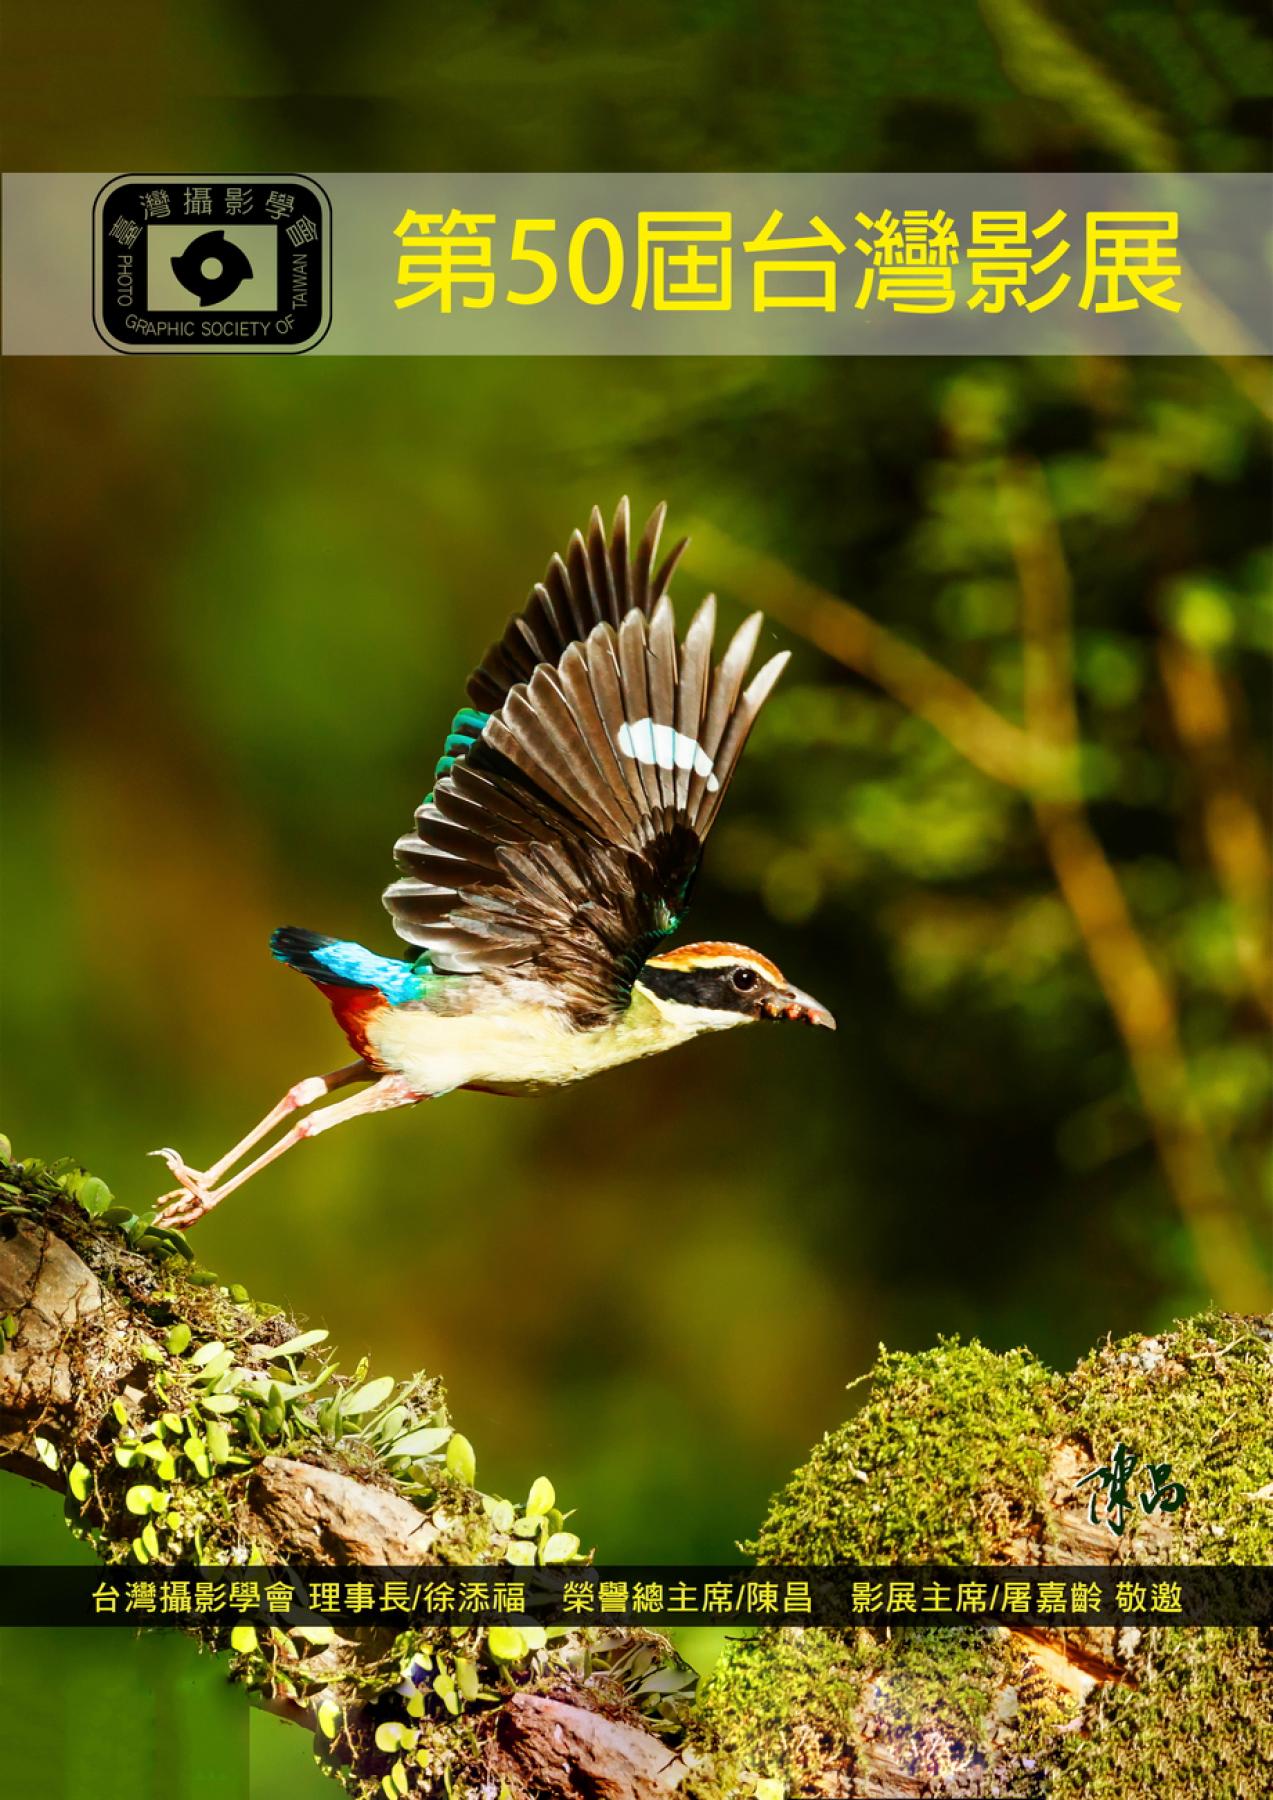 第50屆台灣影展-簡章 A